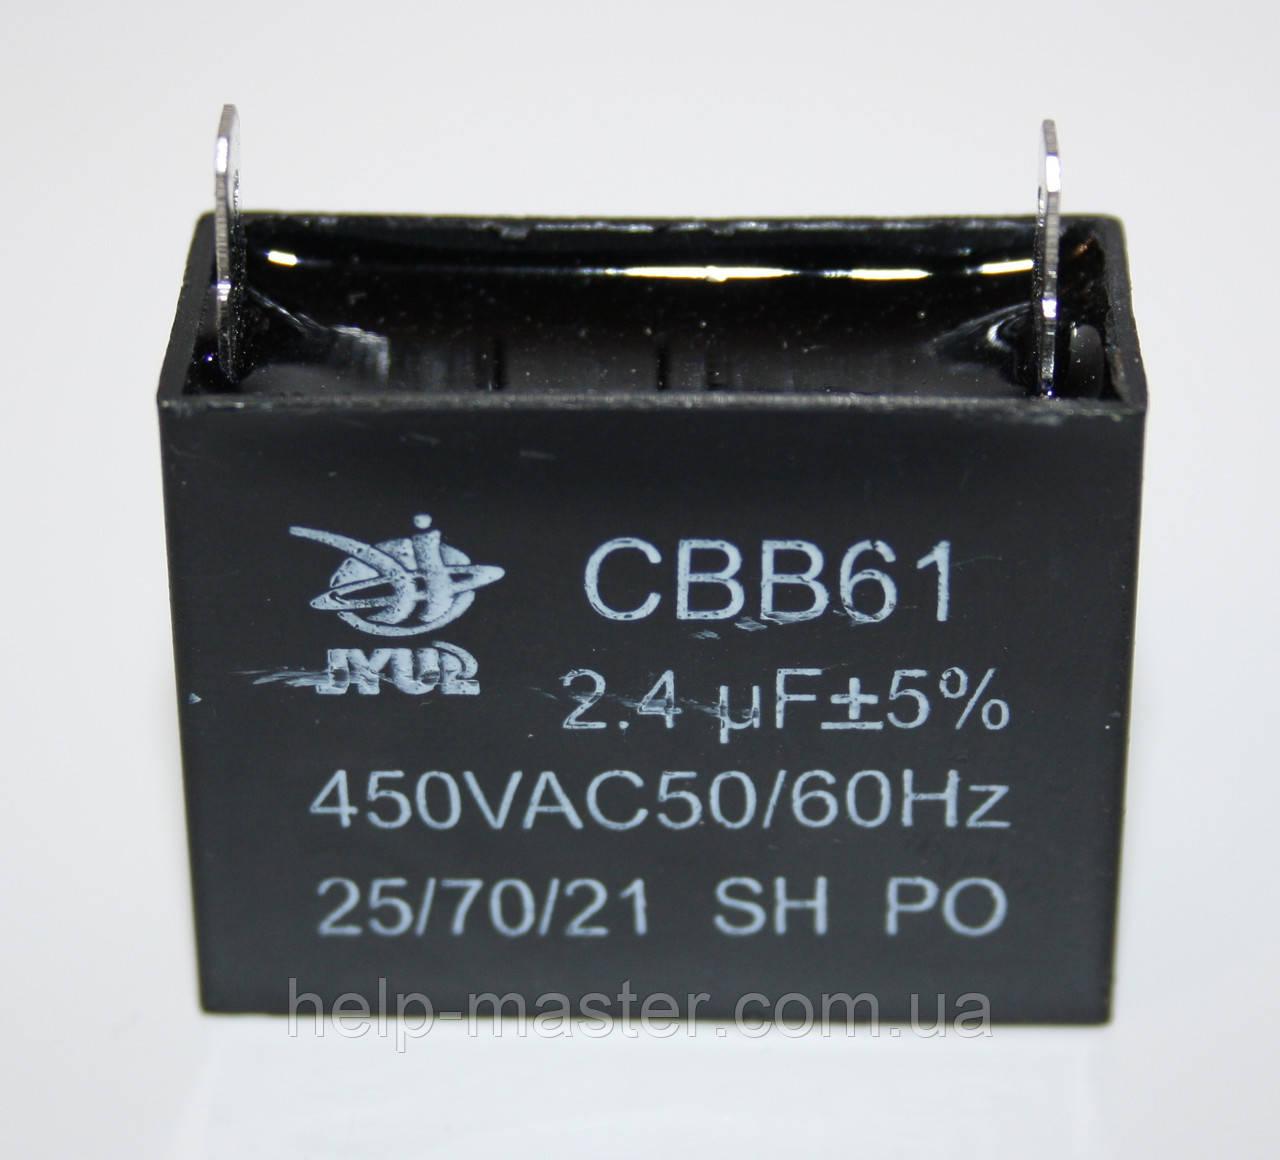 CBB-61 2,4 mkf ~ 450 VAC (±5%) конденсатор для пуска и работы. Выводы КЛЕМЫ JYUL (38*17*28 mm)